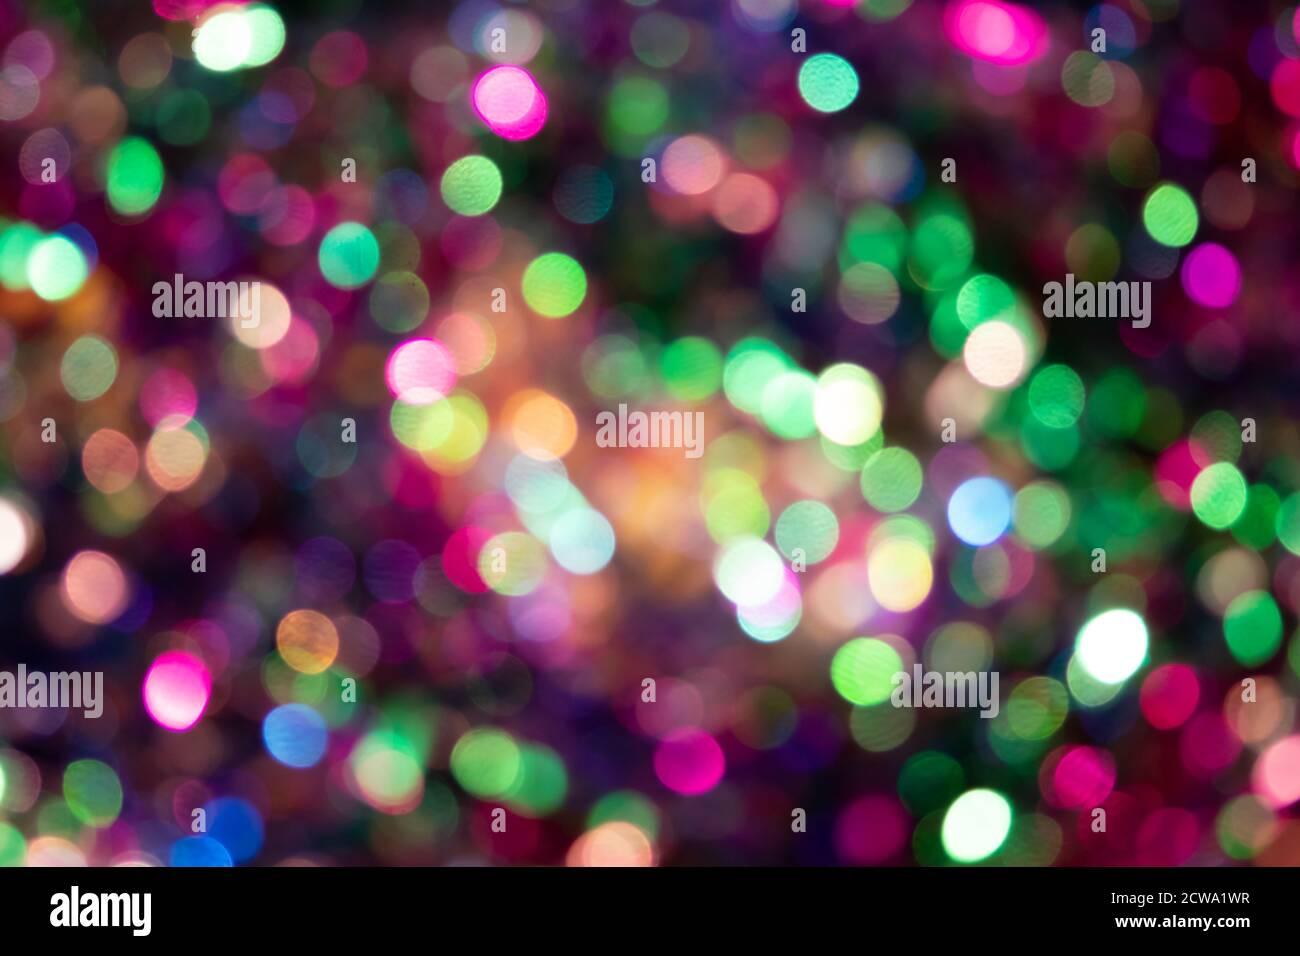 Festoso sfondo colorato bokeh con scintille psichedeliche colorate e puntini colorati come sfondo perfetto per silvester, celebrazione felice anno nuovo Foto Stock